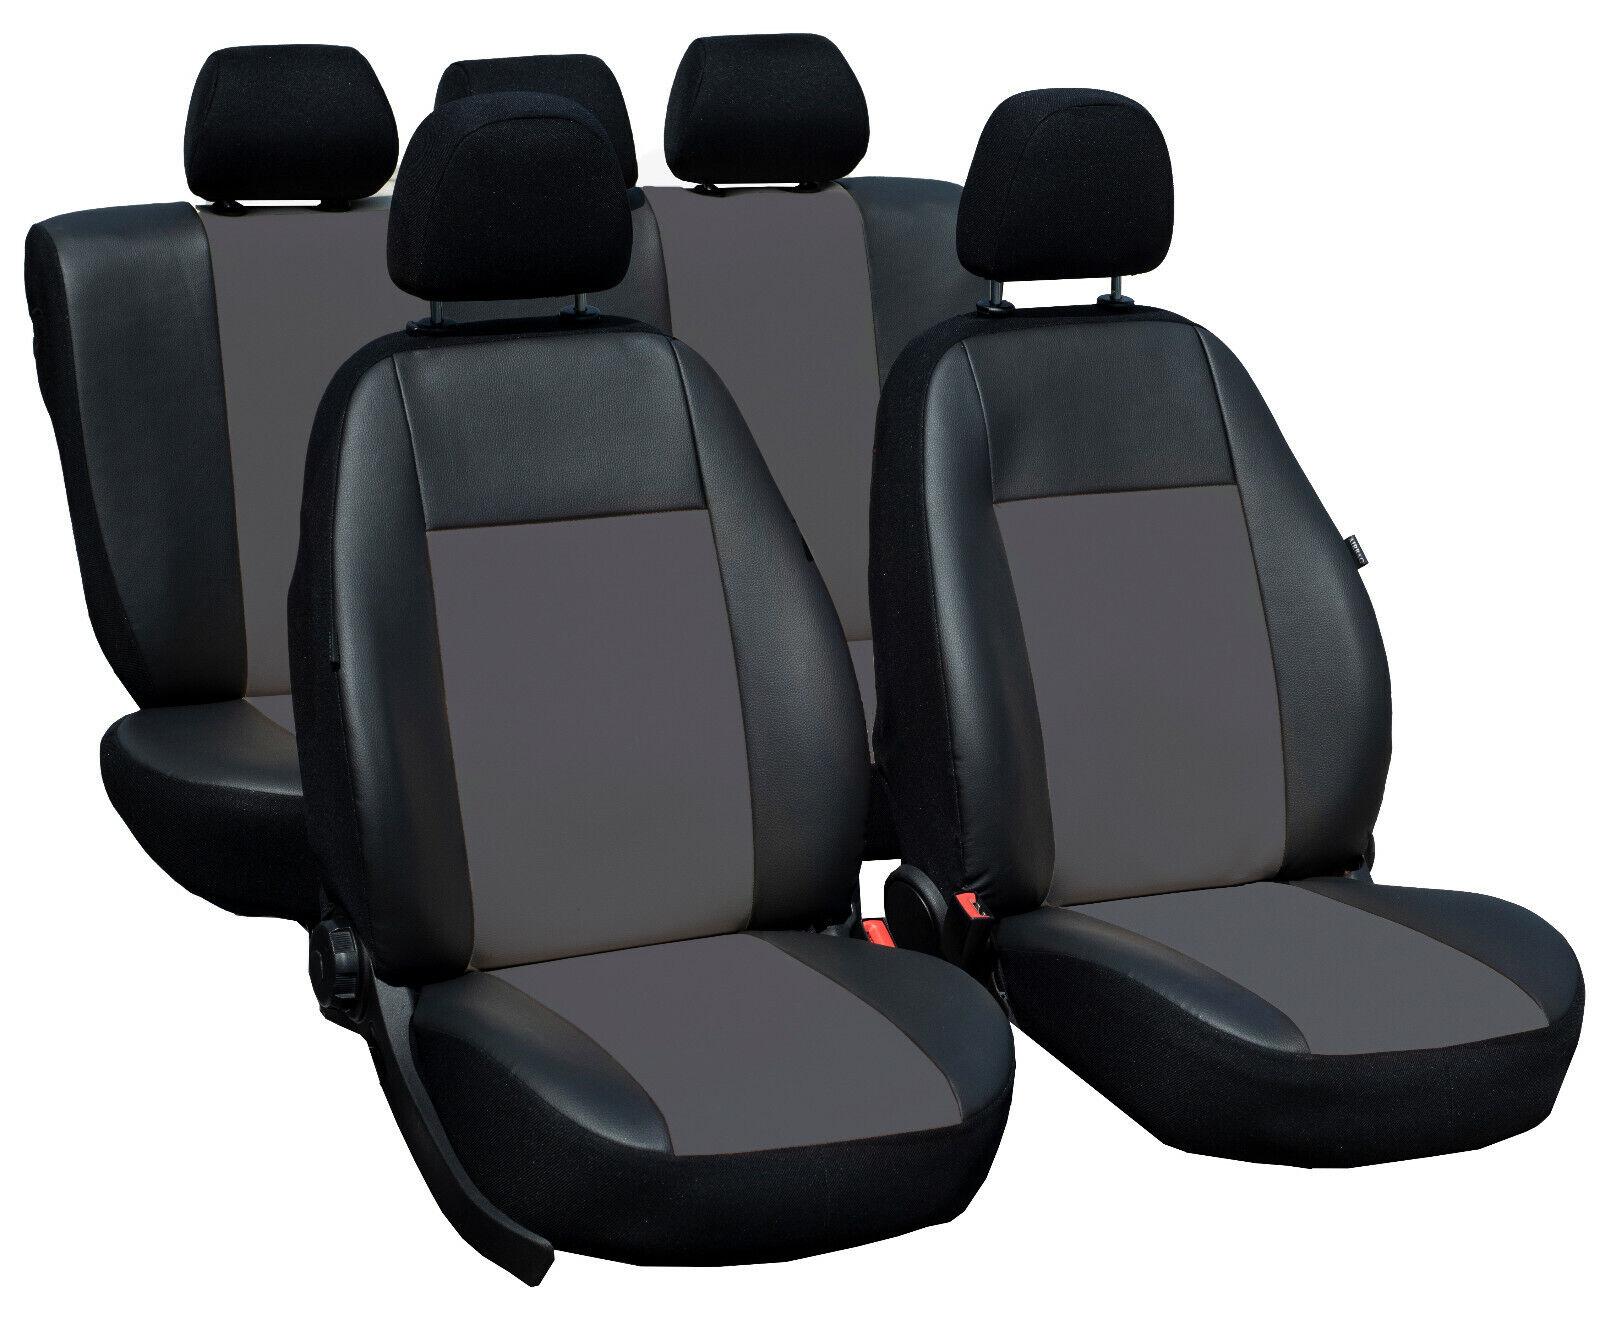 Schwarz Set Premium Kunstleder Sitzbezüge Sitzbezug Schonbezüge für VW Up